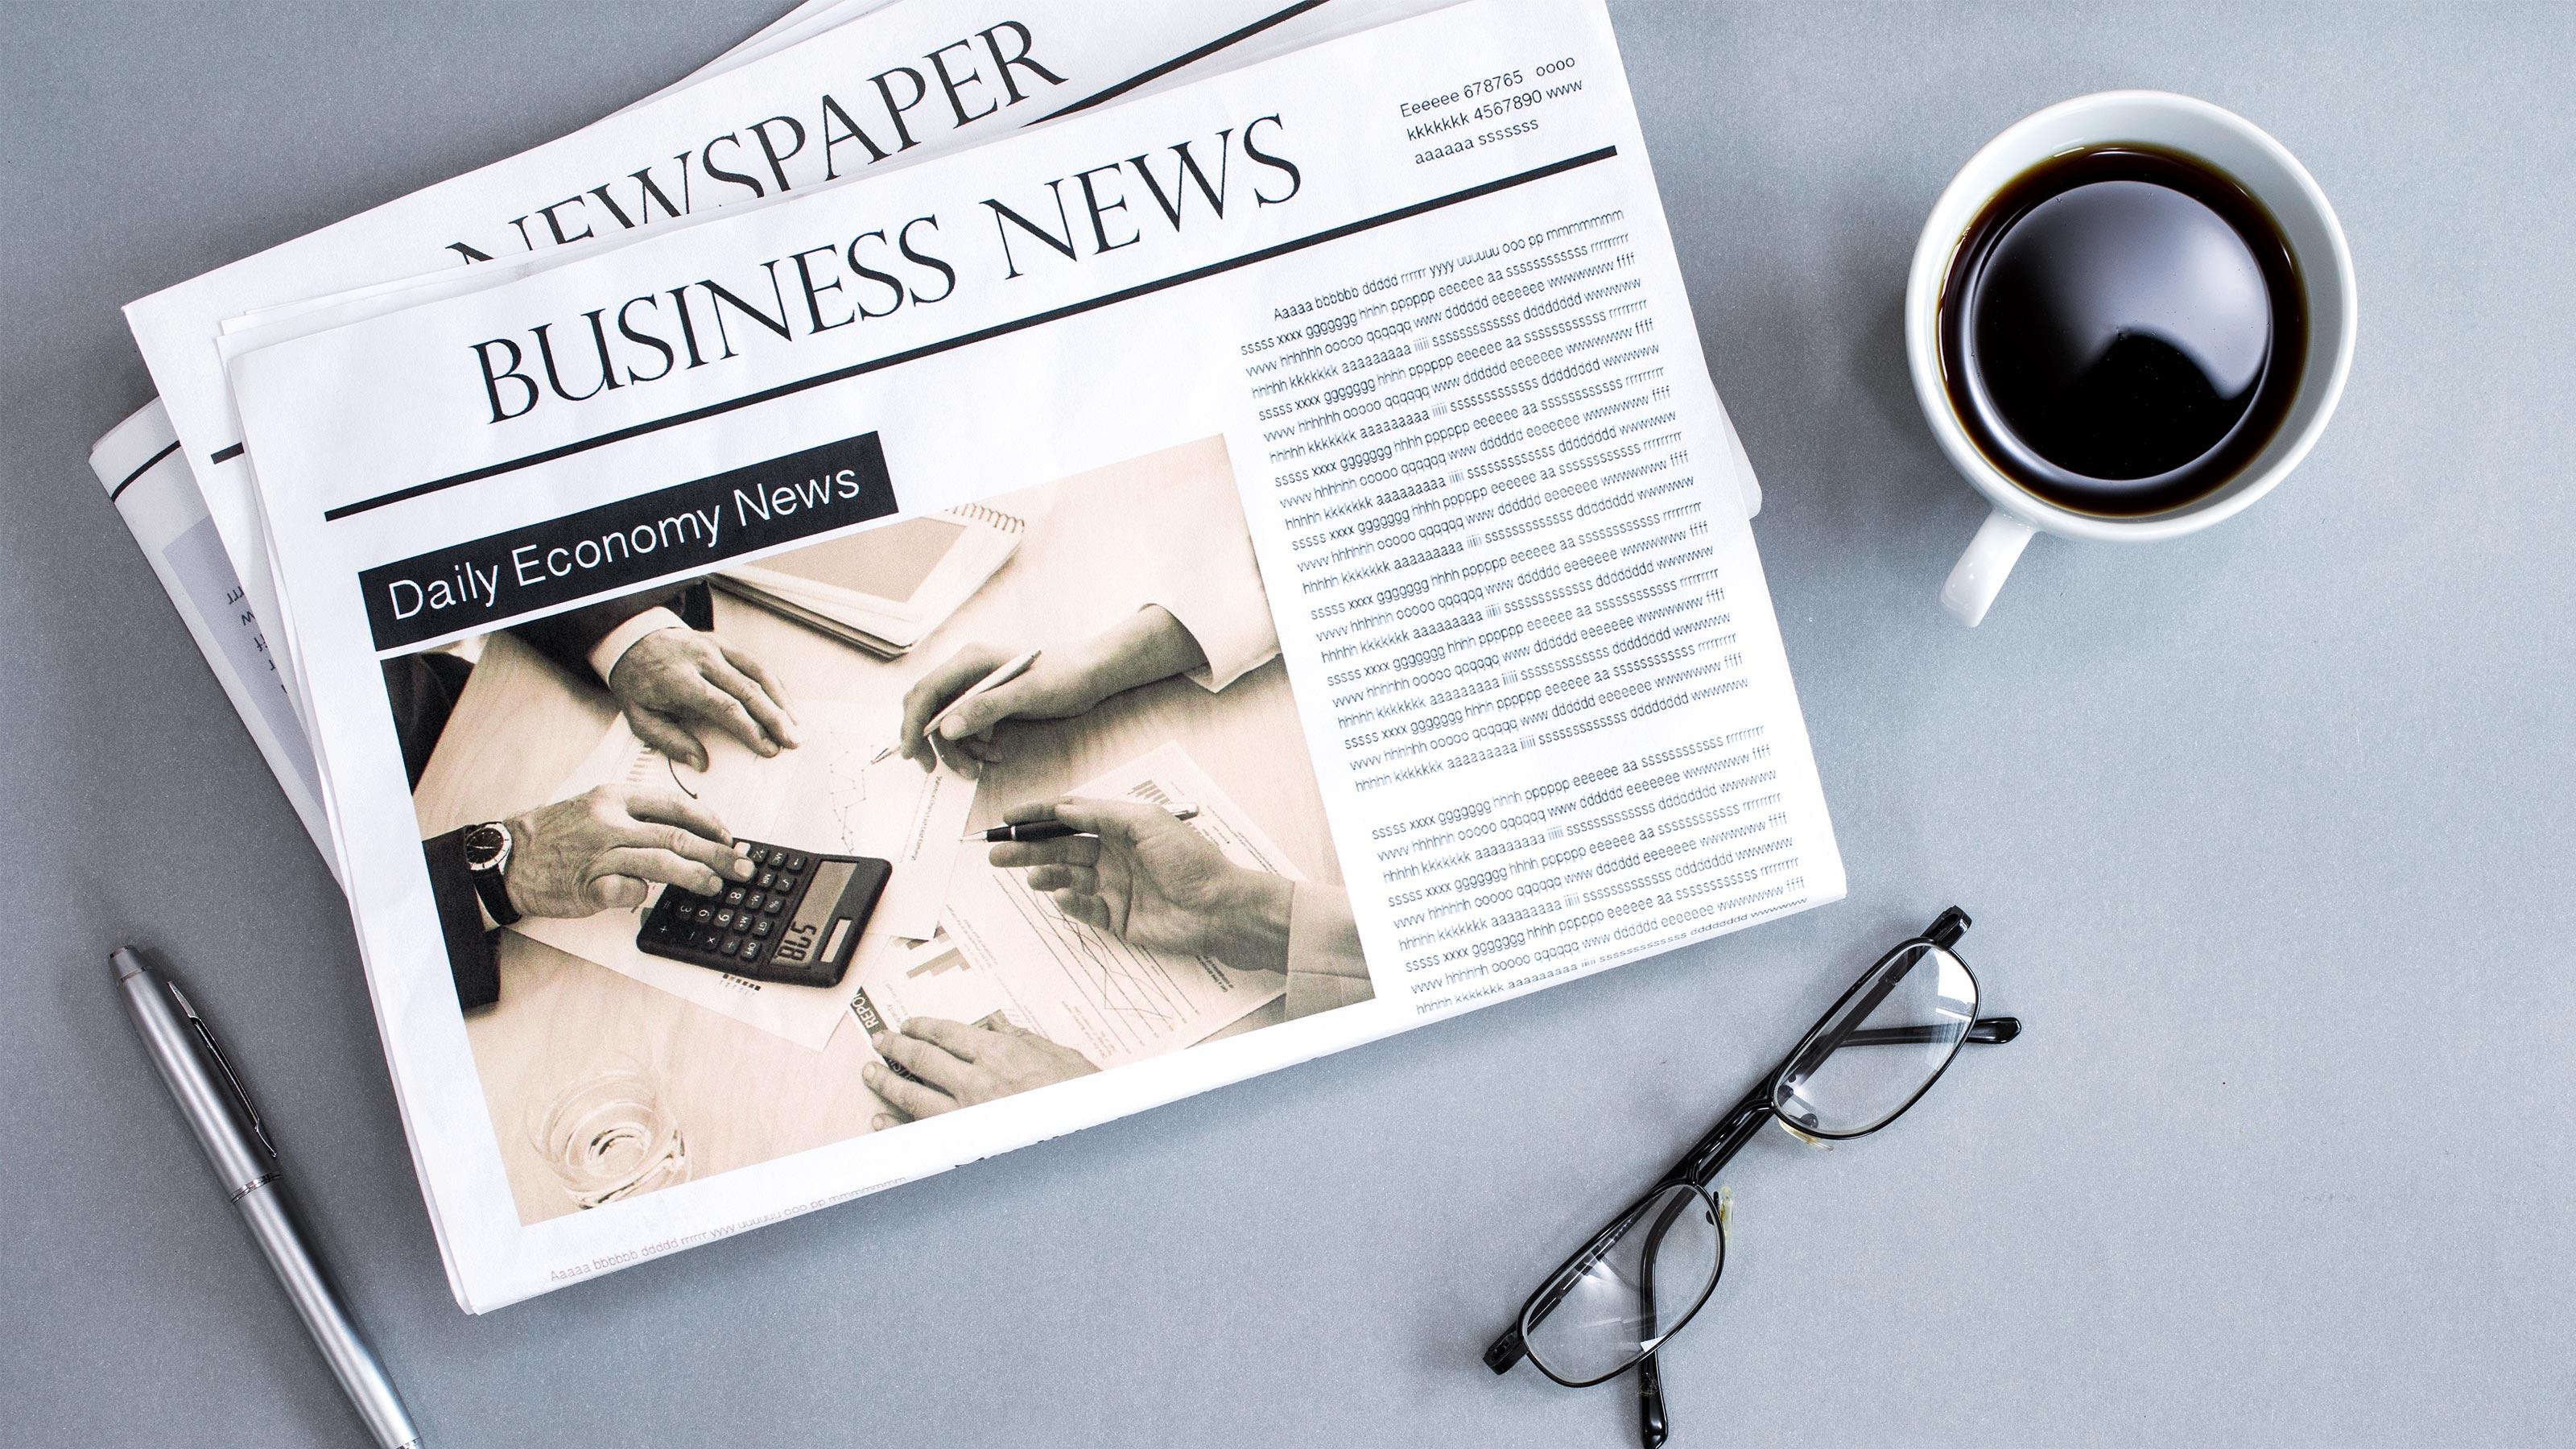 雲講堂-【商業英語新聞】Business News You Can Use:Limited Edition